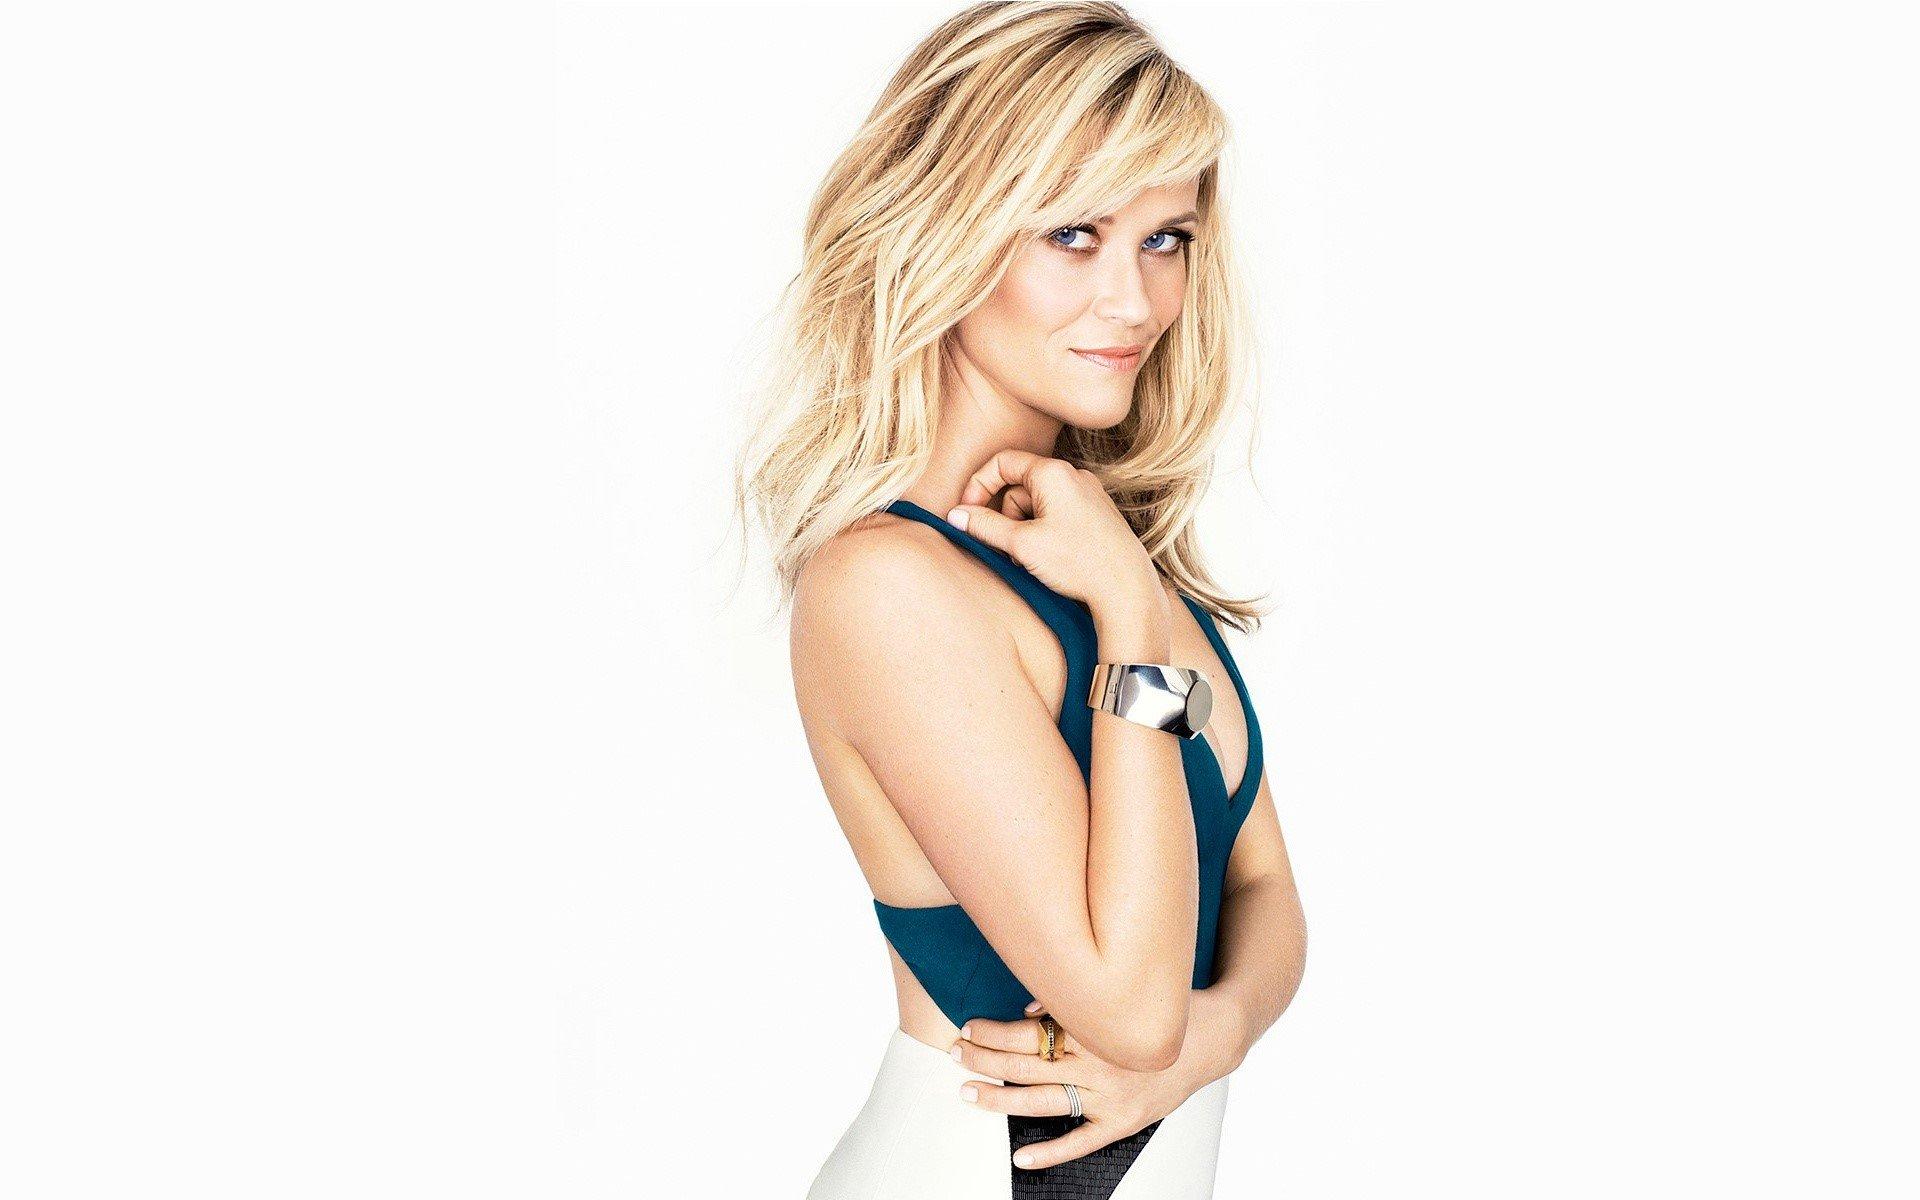 Fondo de pantalla de Actriz Reese Witherspoon Imágenes